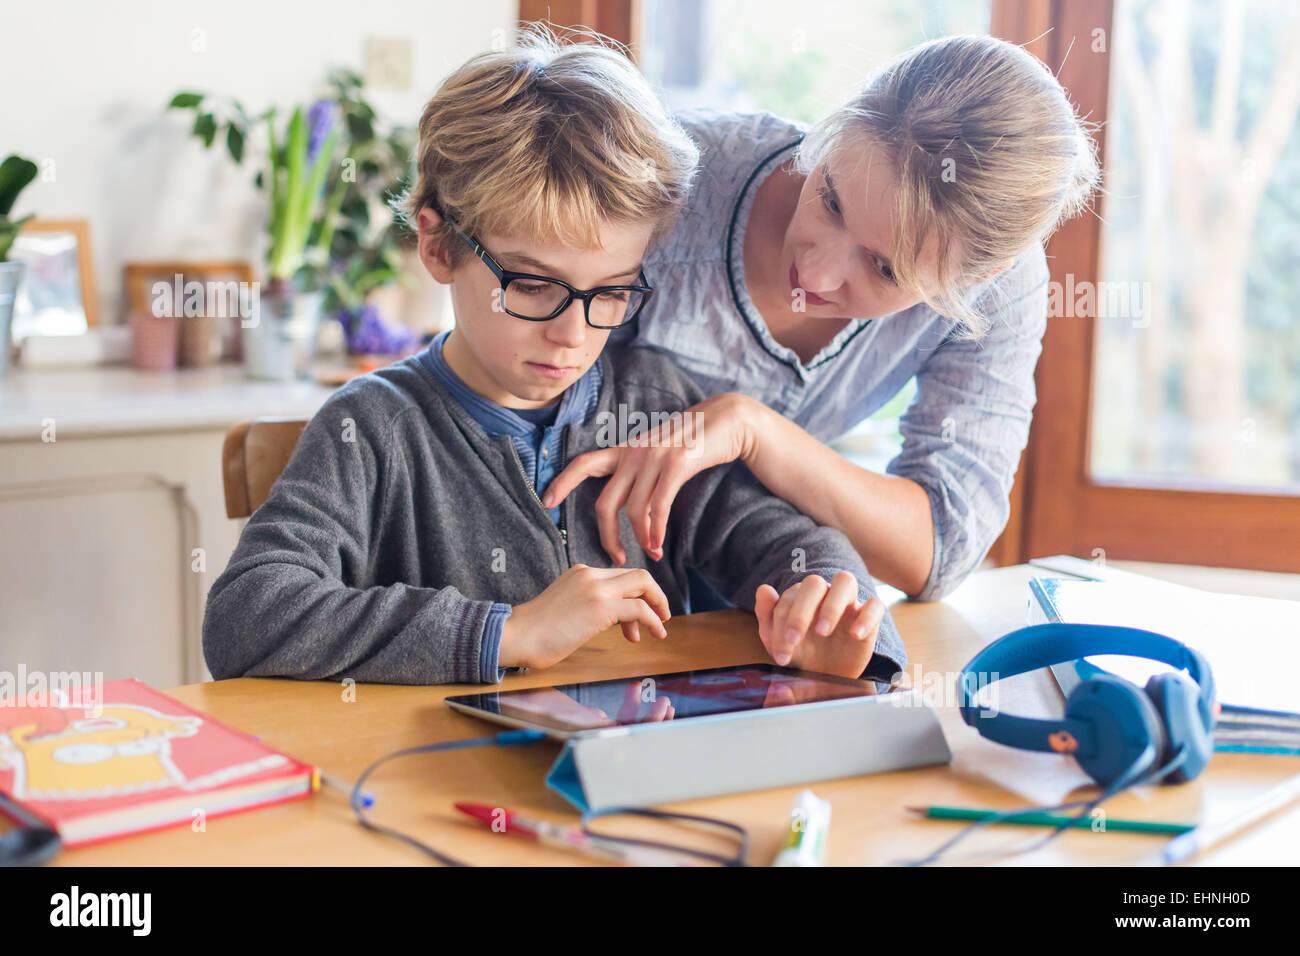 8 anno vecchio ragazzo utilizzando computer tablet. Immagini Stock